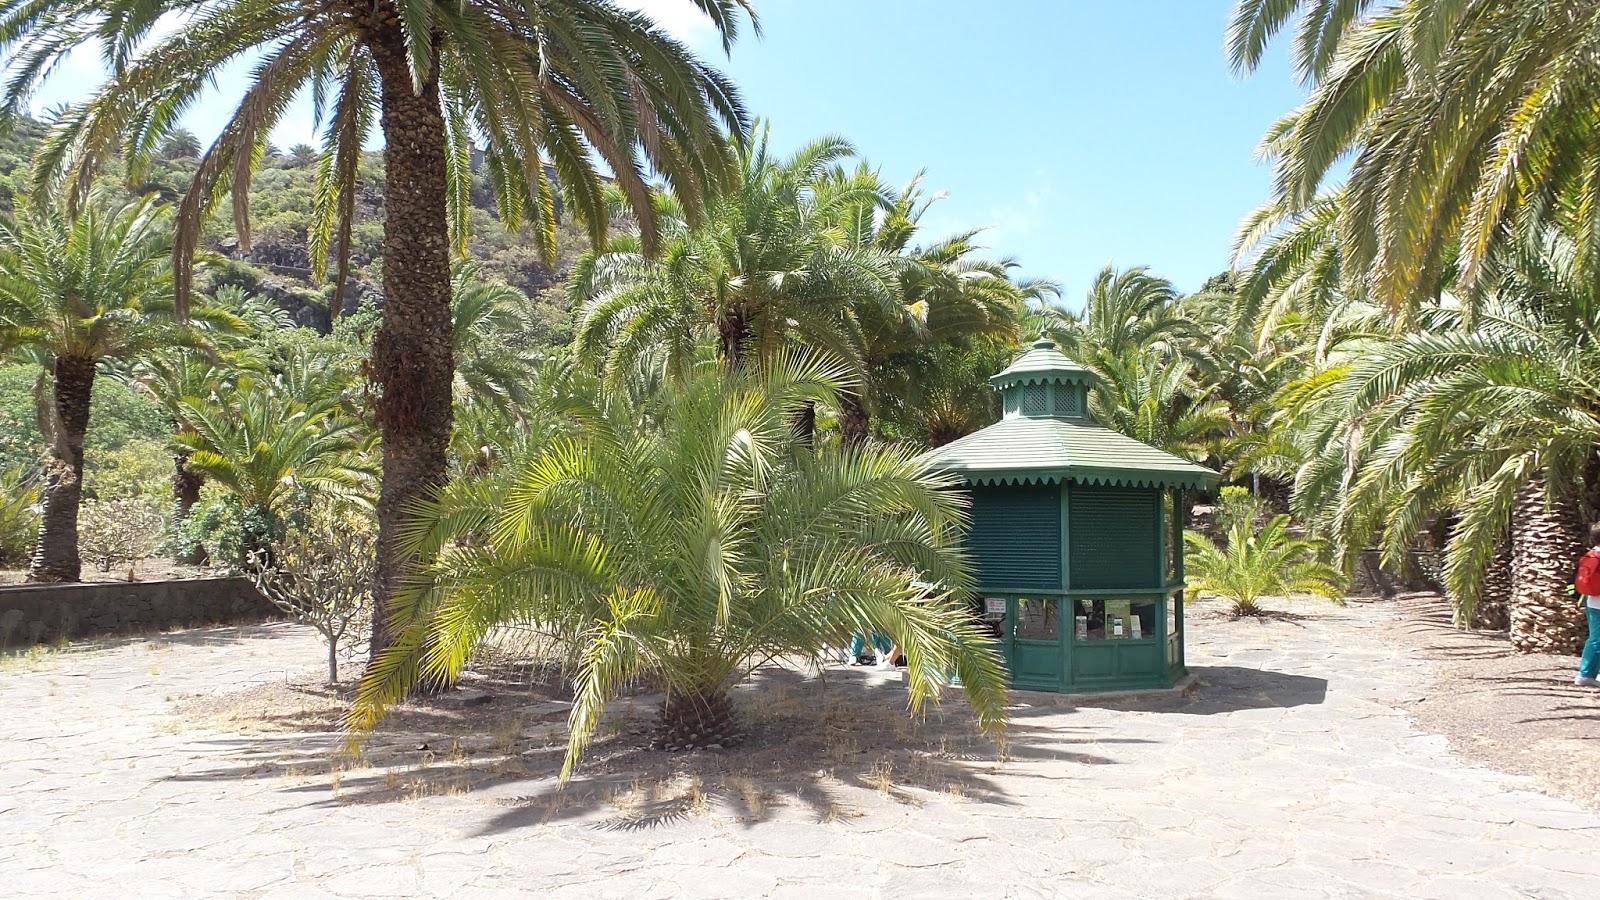 Gran canaria reise info der botanische garten jard n for Fred olsen telefono oficina las palmas